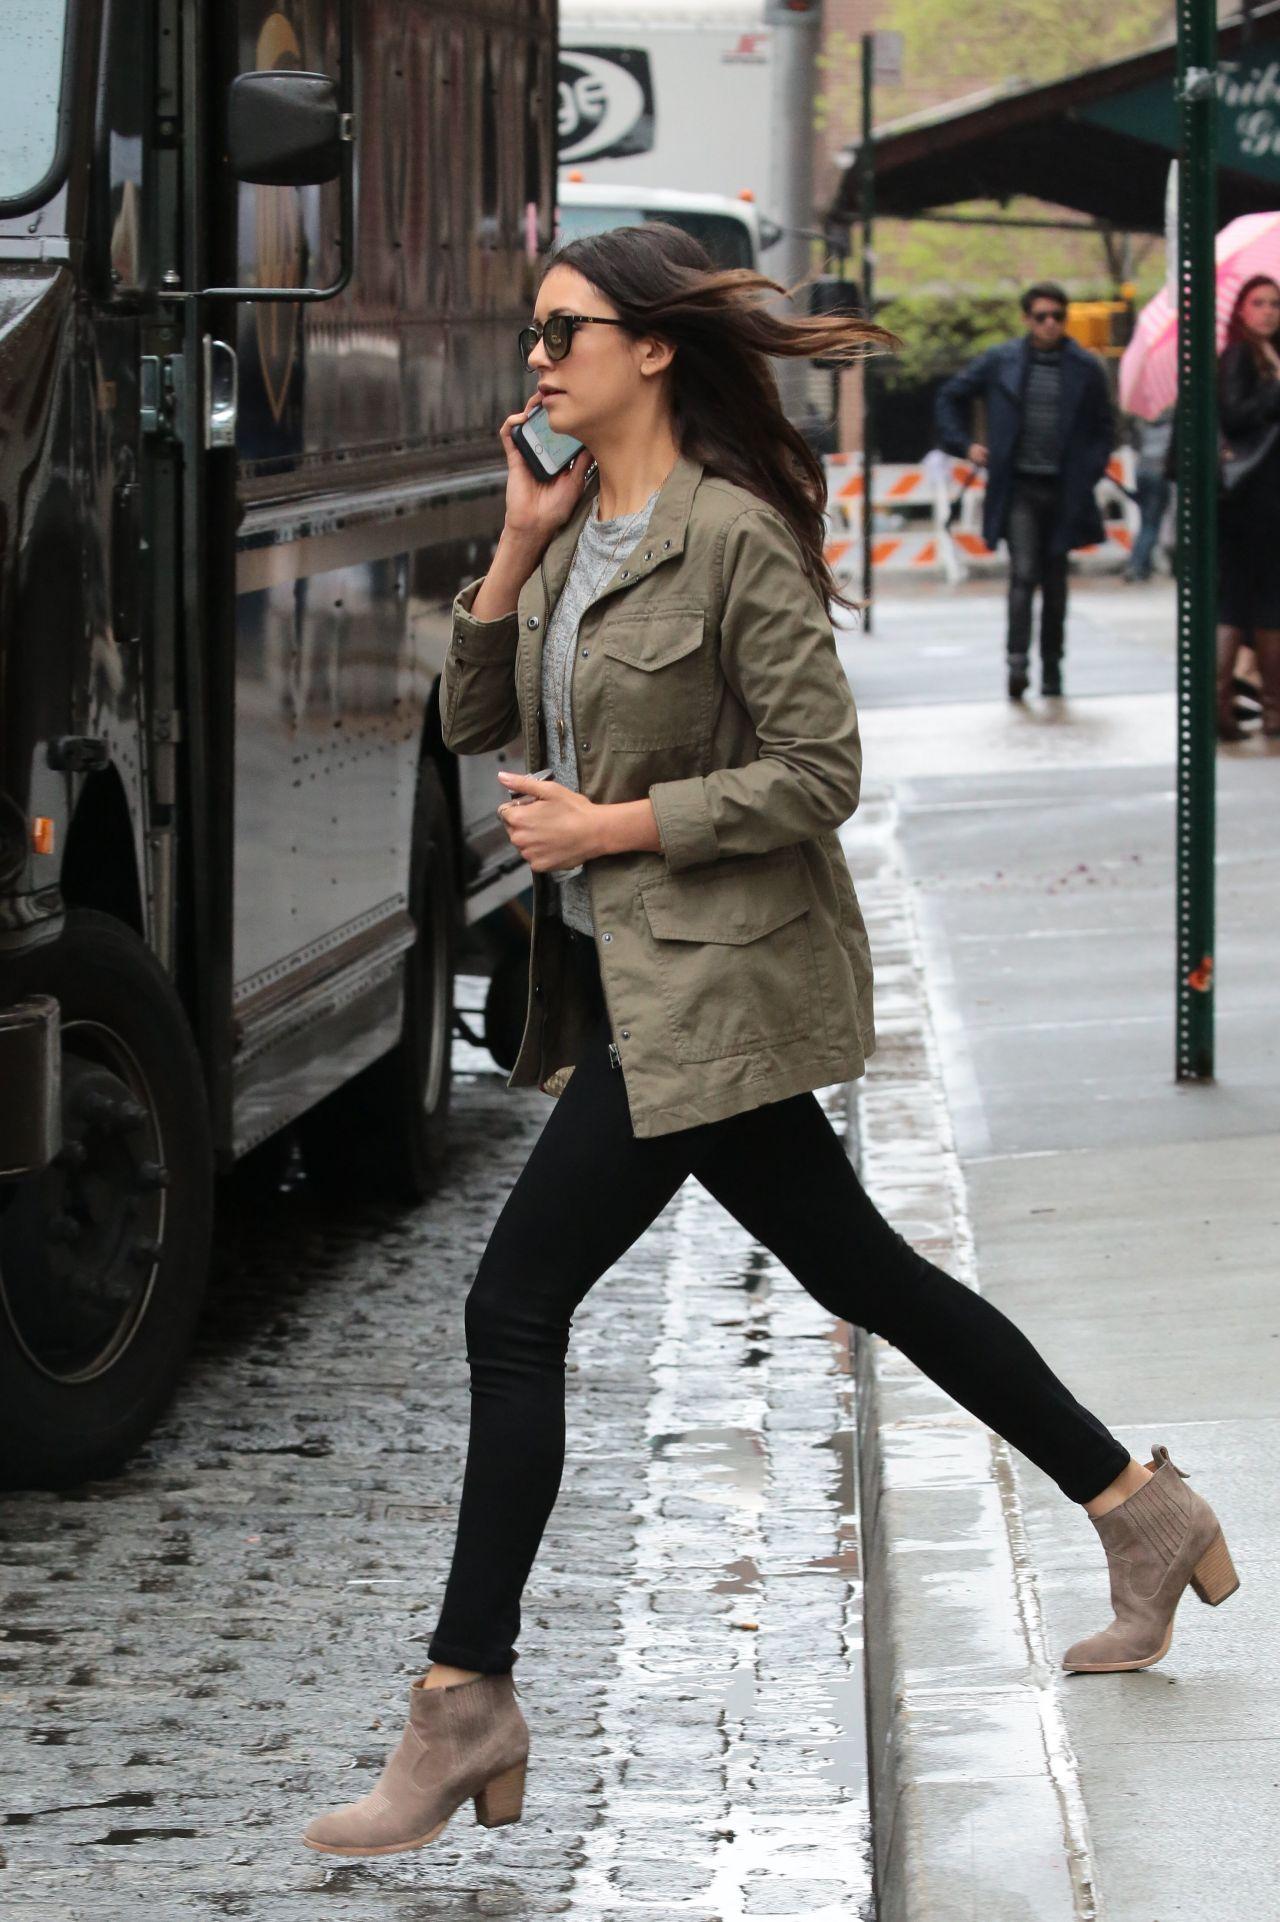 Nina Dobrev In Tight Jeans Out In Nyc 5 3 2016